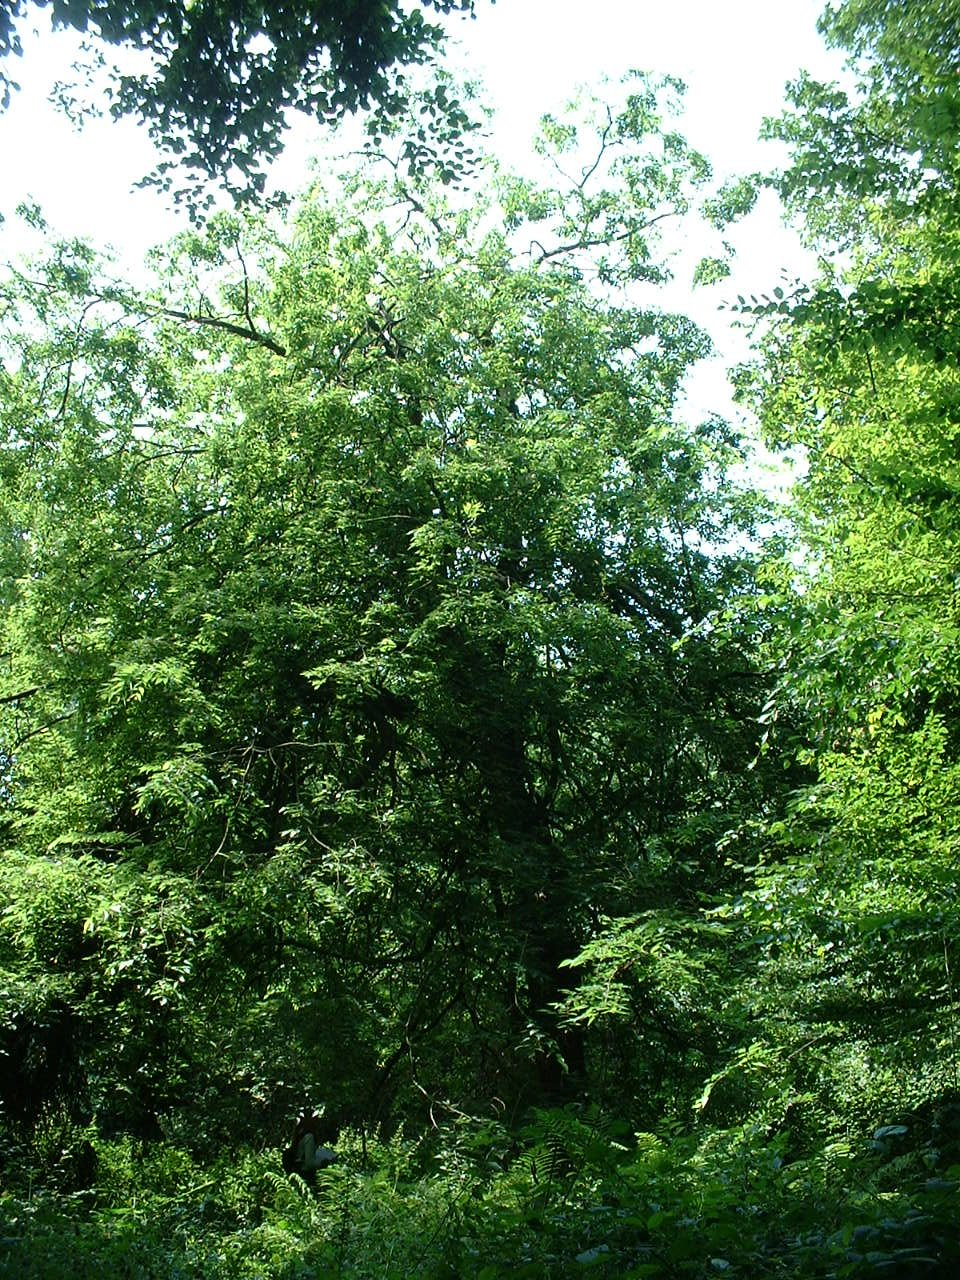 Micocoulier de Méditerranée – Watermael-Boitsfort, Parc privé de l'Institut royal des Sciences naturelles de Belgique et chemin des Chablis, Chemin des Chablis, 4 –  17 Juillet 2002